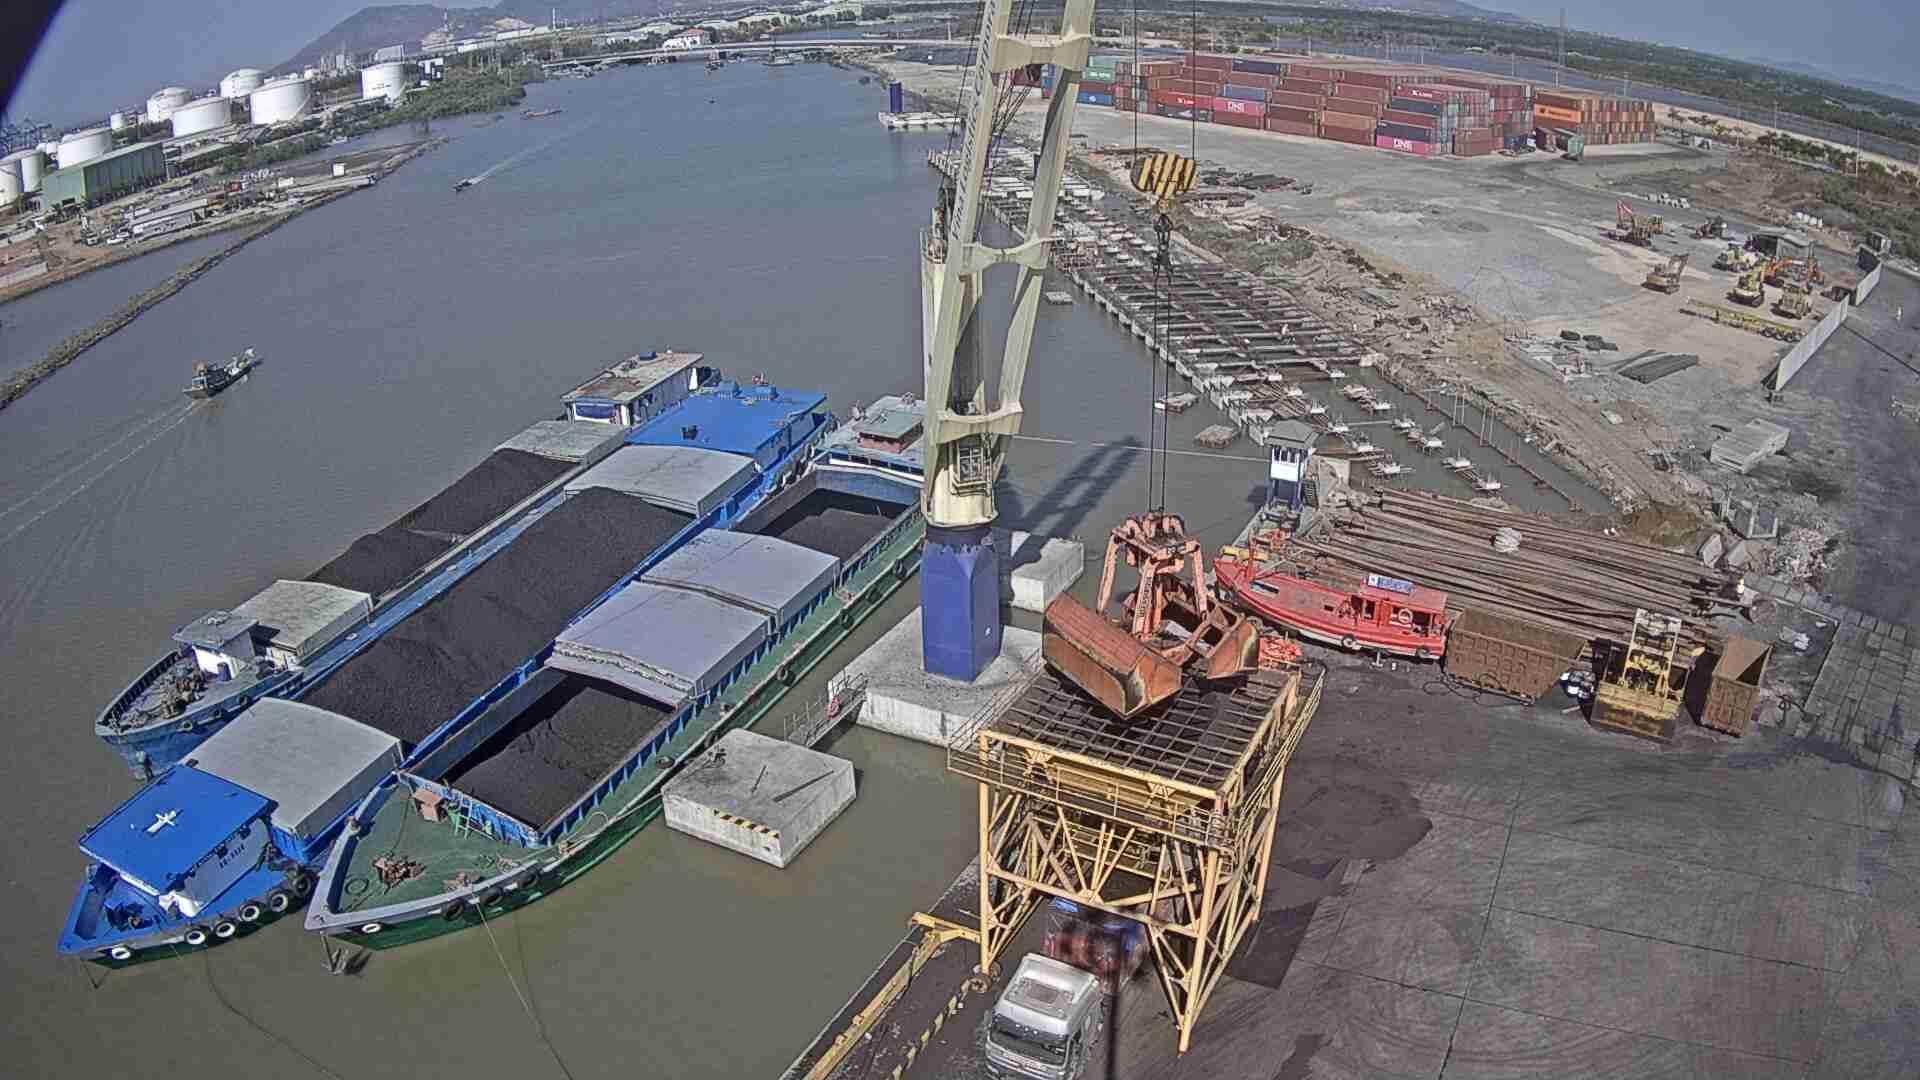 Hướng đi mới cho thị trường than nhập khẩu và nội địa Việt Nam 2020